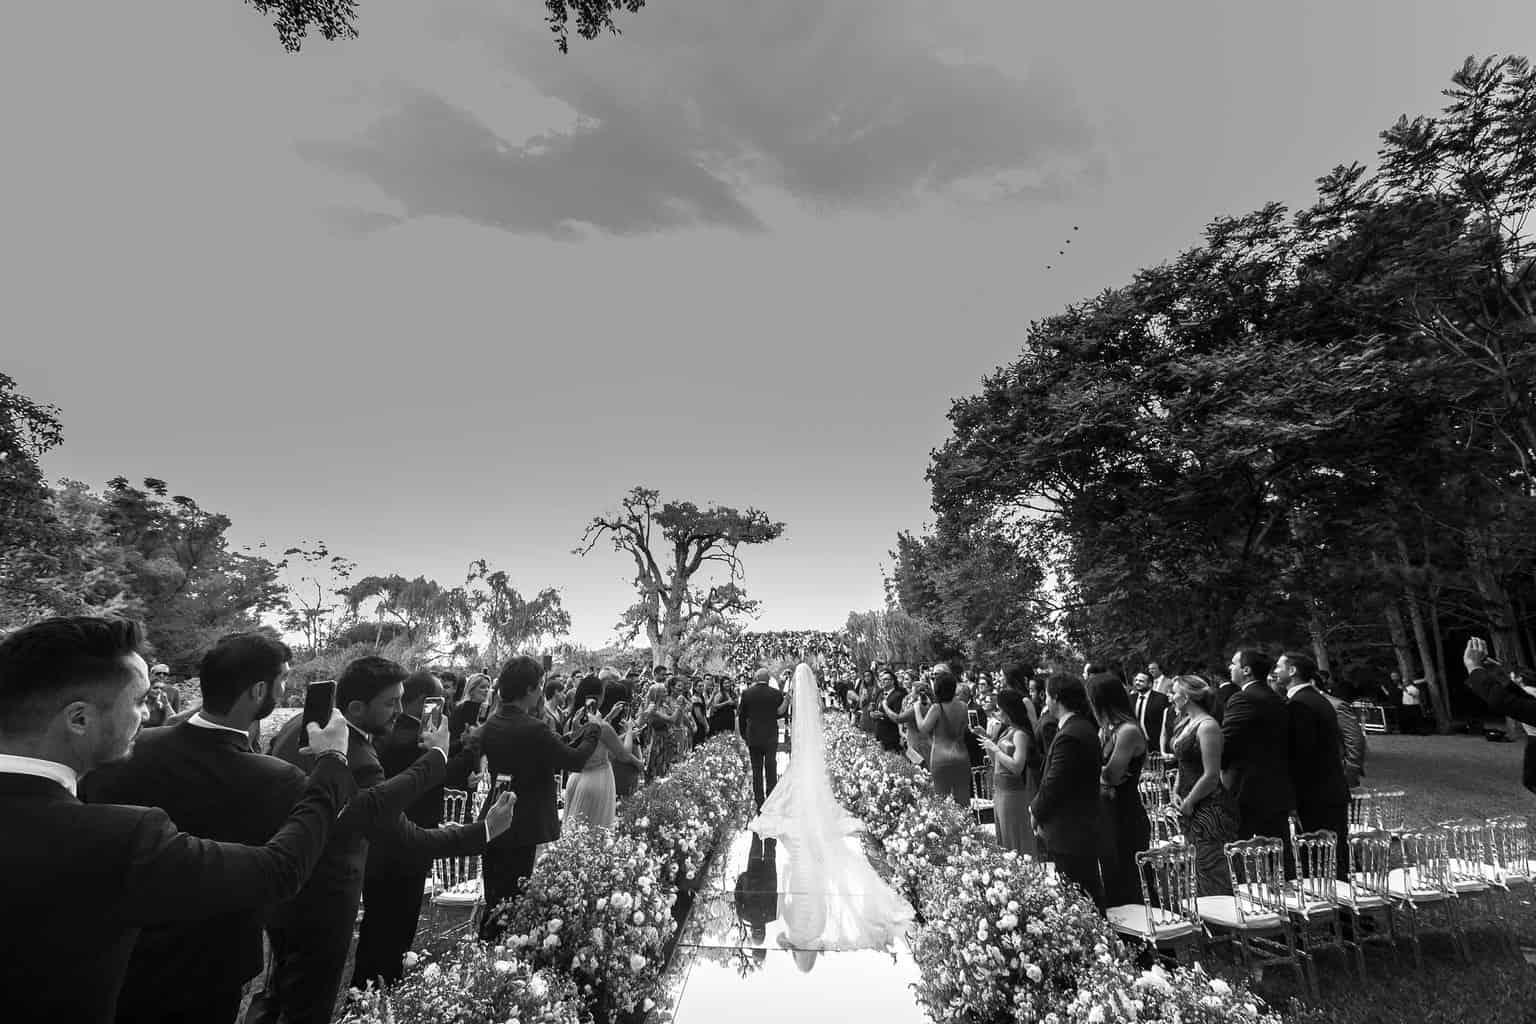 casamento-Marcela-e-Luciano-foto-da-cerimonia-pb-Torin-Zanette10